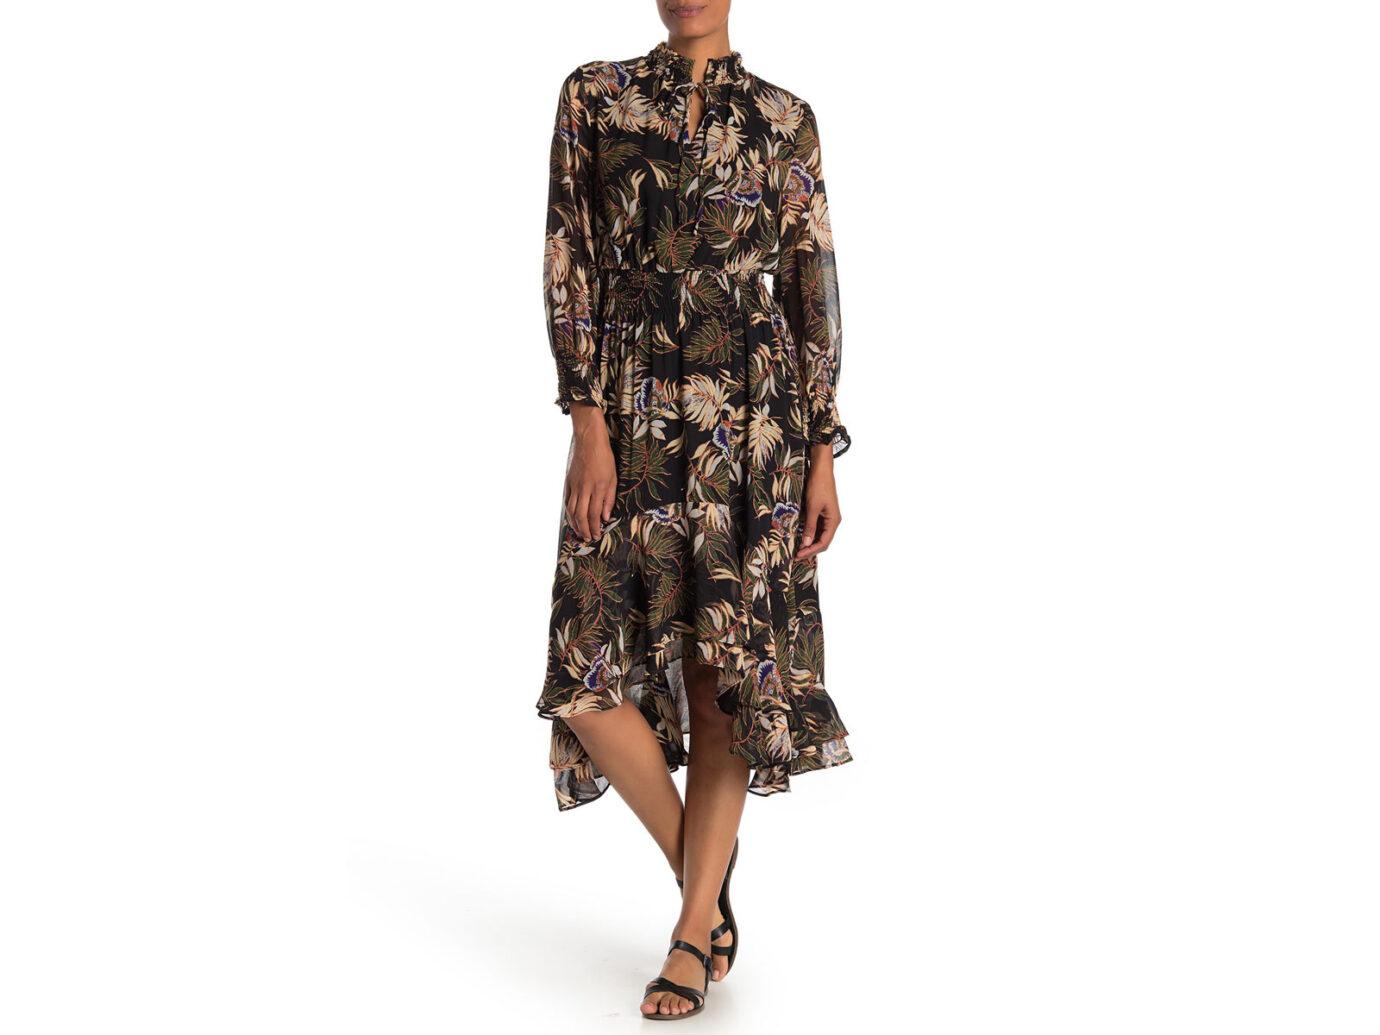 Madeline Palm Print Keyhole Dress